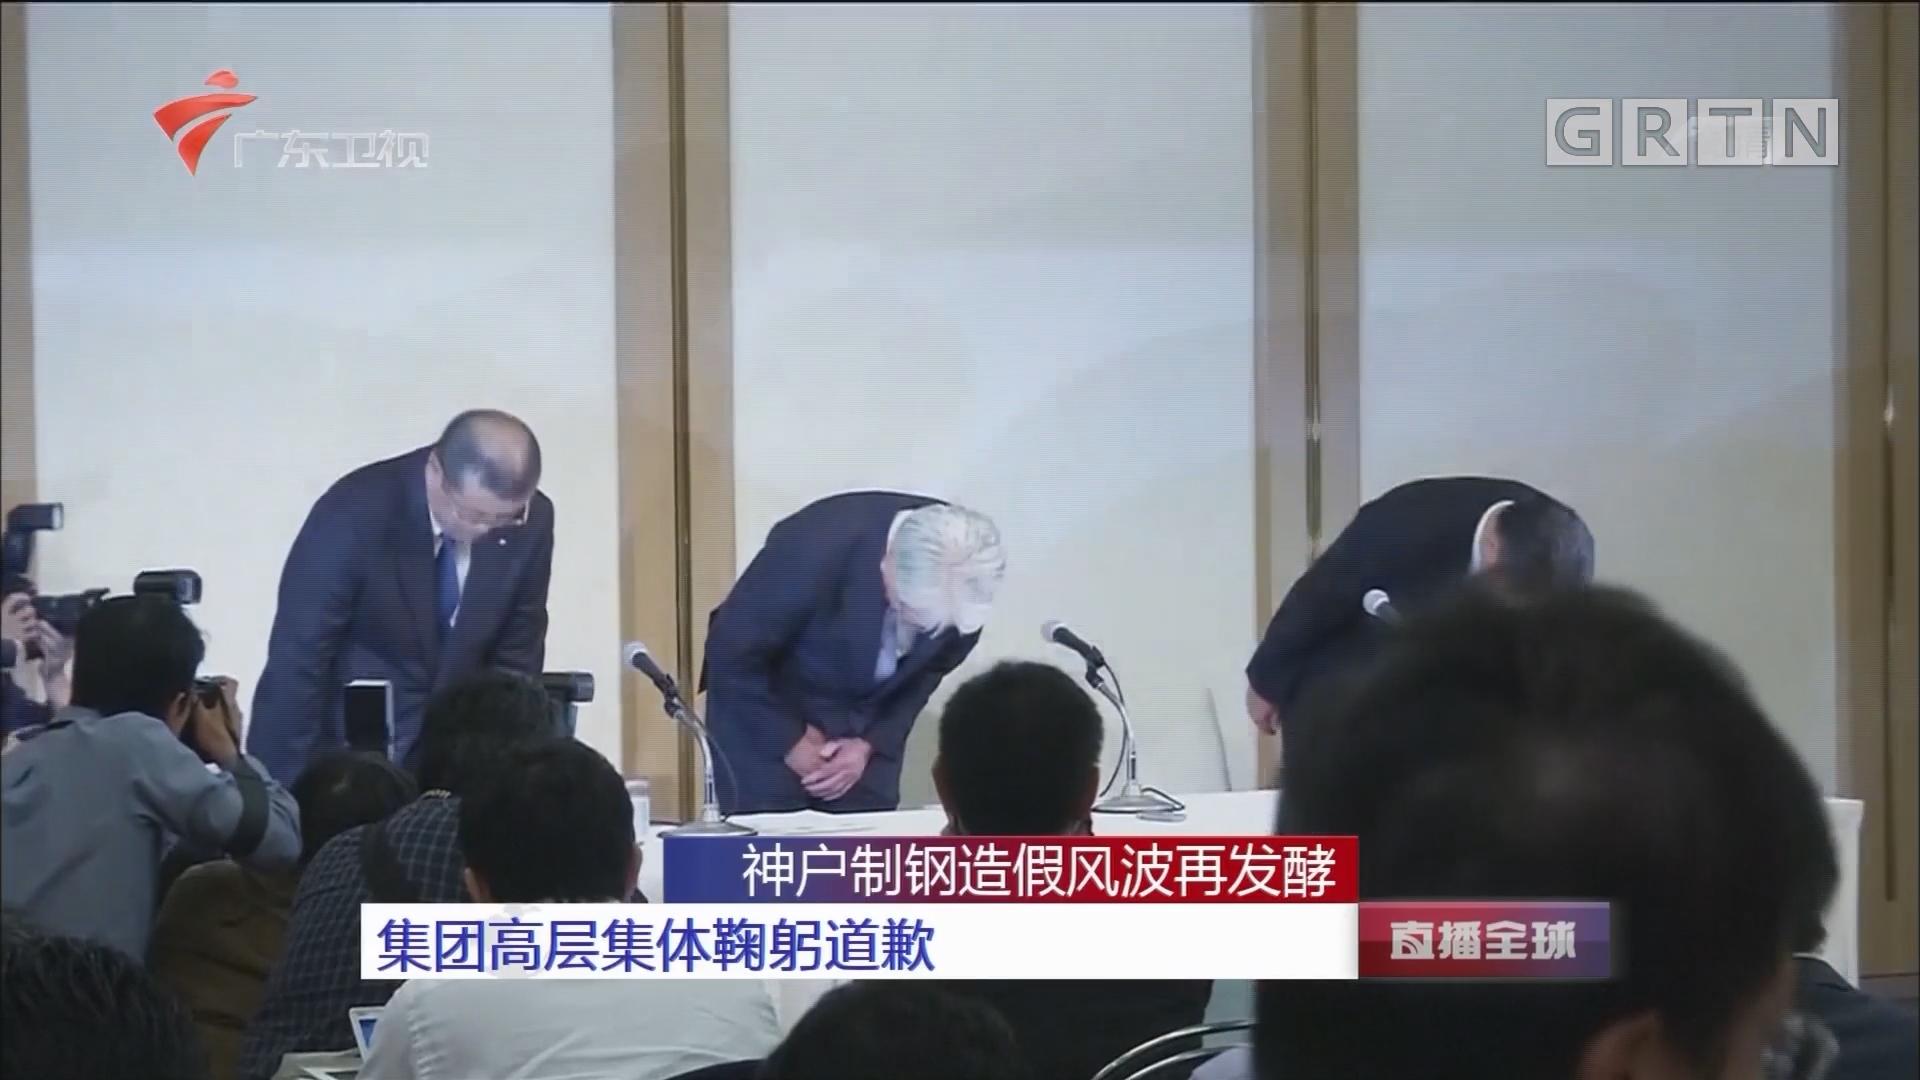 神户制钢造假风波再发酵:集团高层集体鞠躬道歉